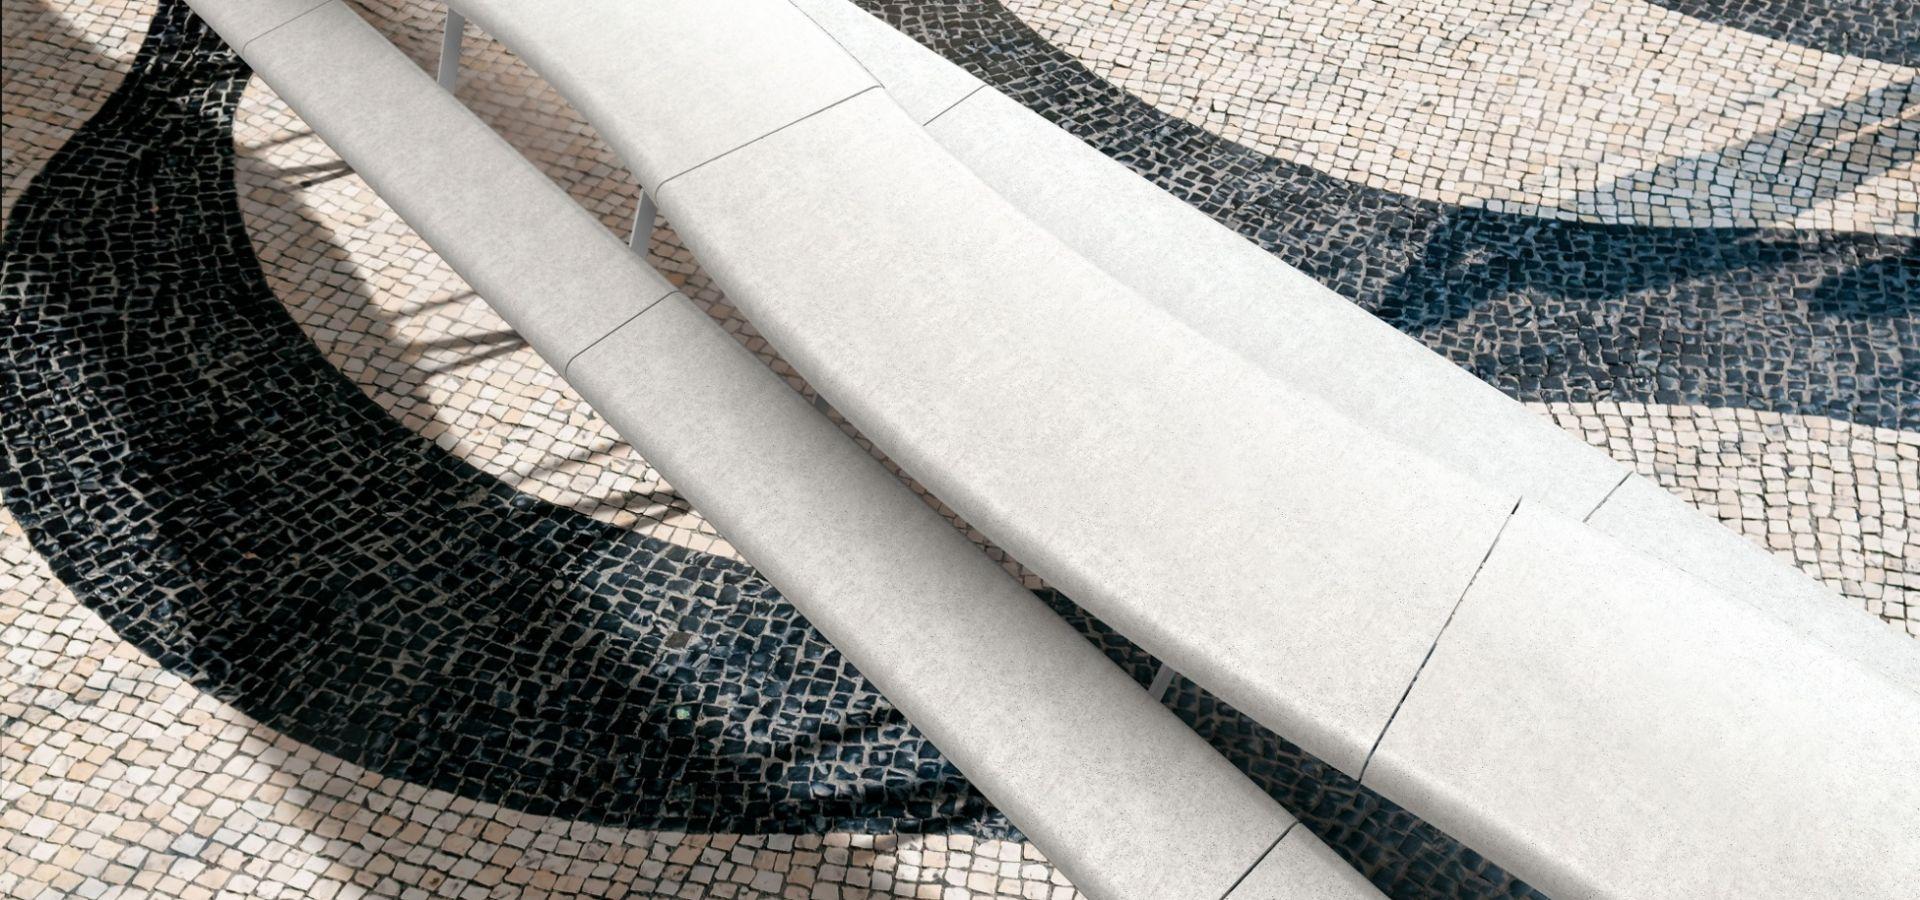 AIR-C Table Pique Nique Beton UHPC Collectivité avec banquettes│METALCO mobilier urbain design aires de pique-nique